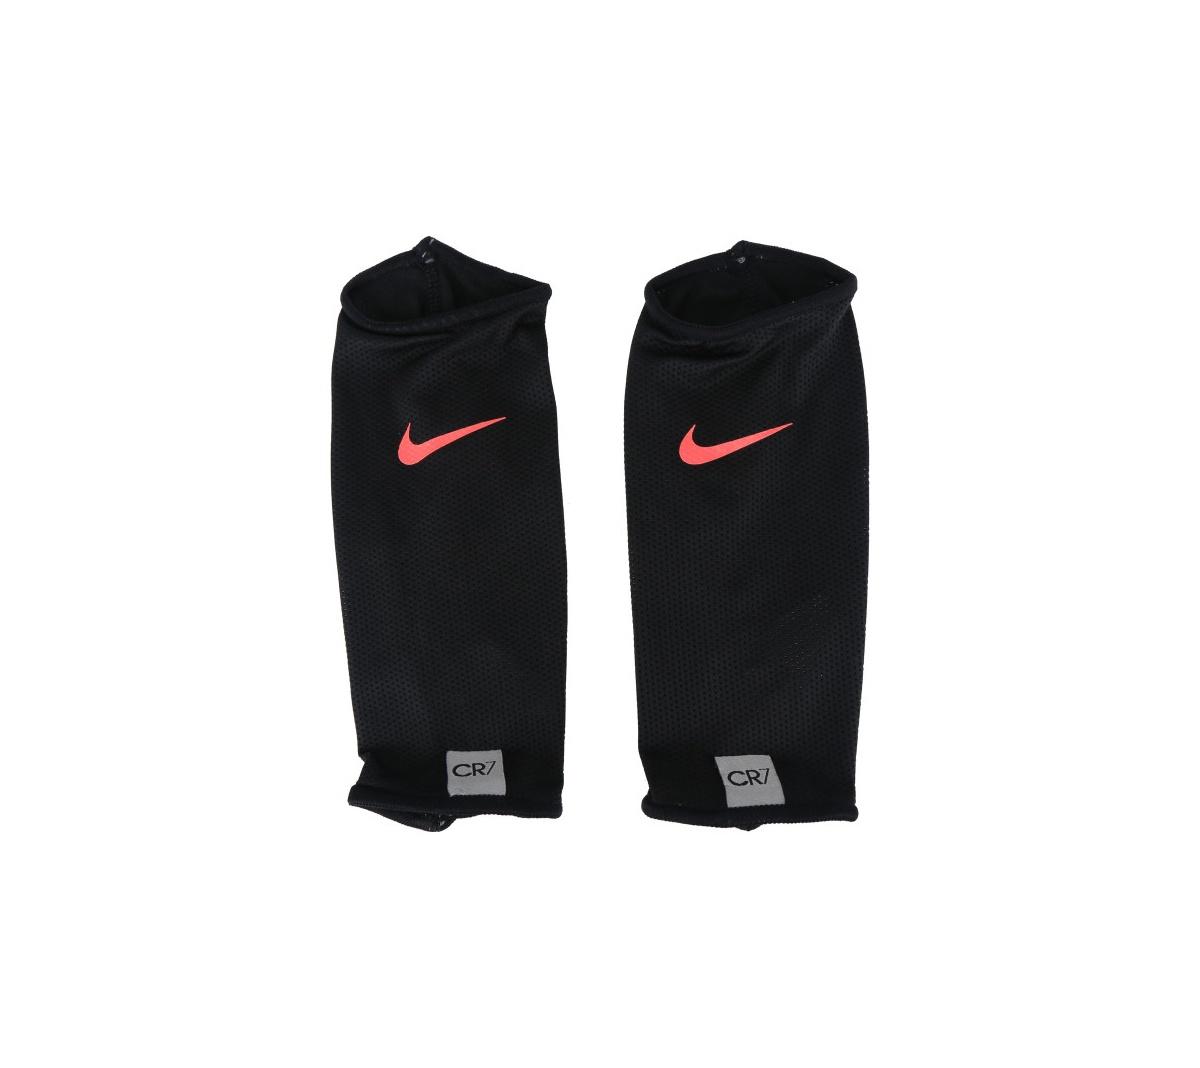 Caneleira Nike Mercurial Lite CR7.